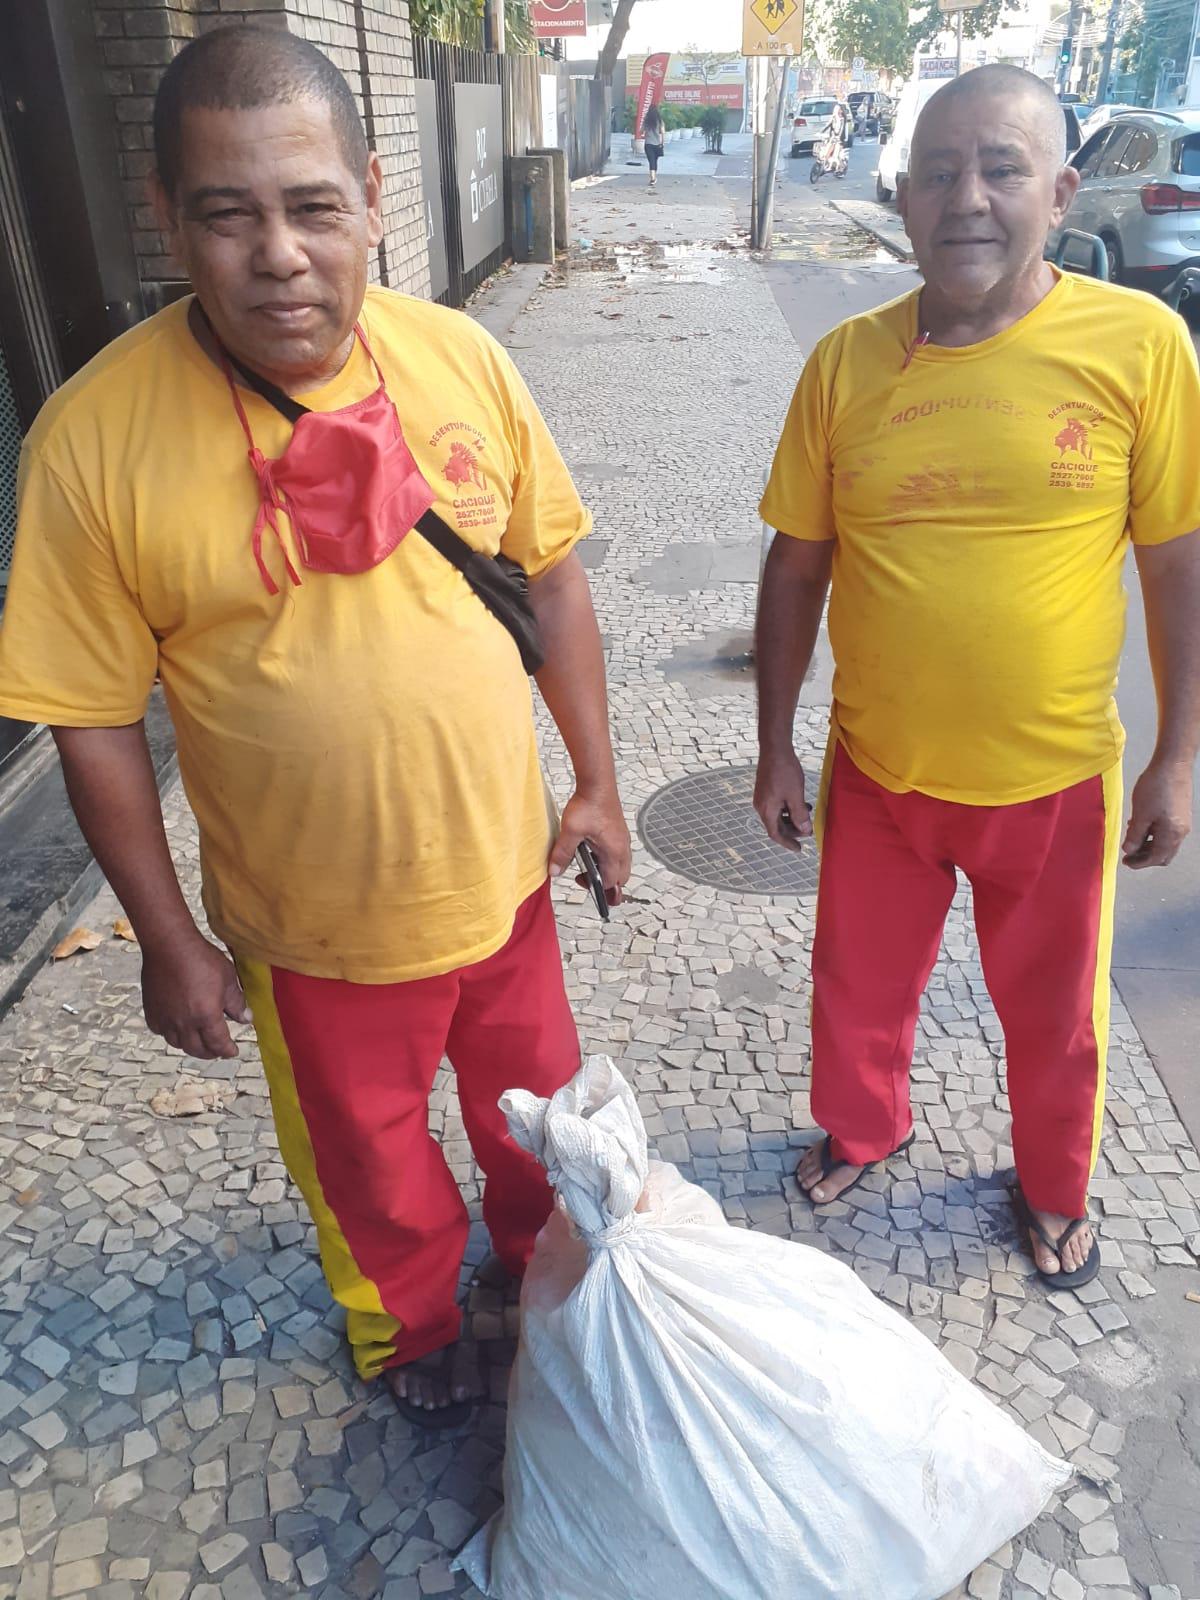 Na imagem, dois homens que encontraram uma sacola com roupas e devolveram para o dono